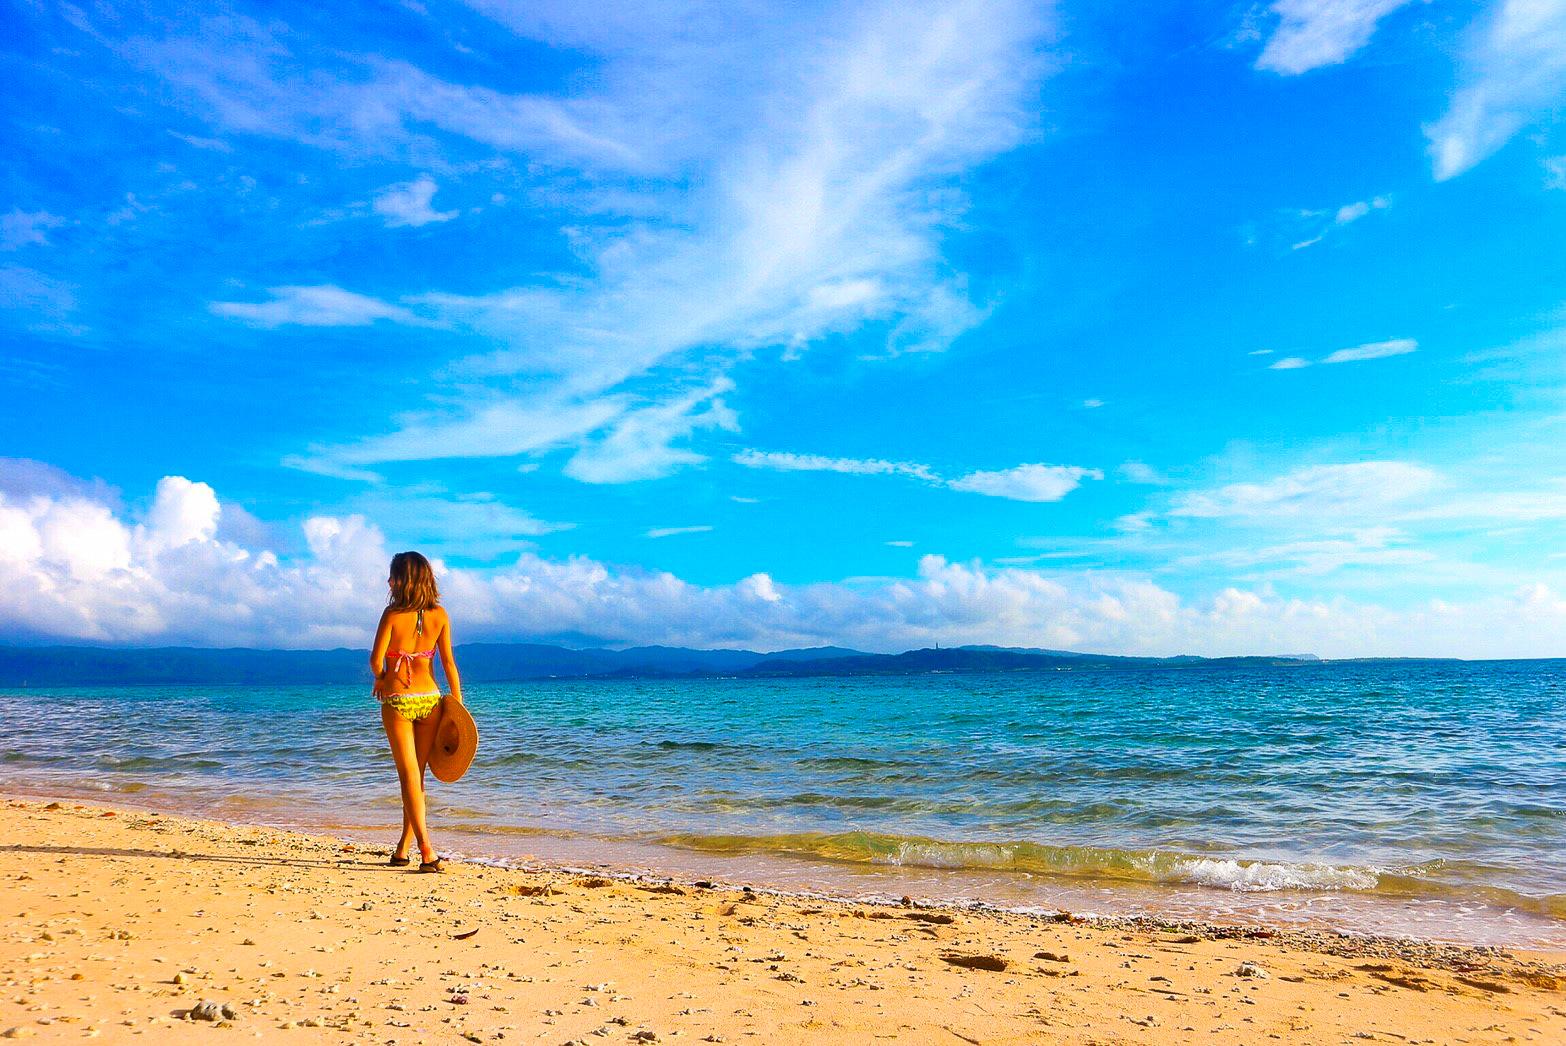 鳩間島ビーチを歩く女性